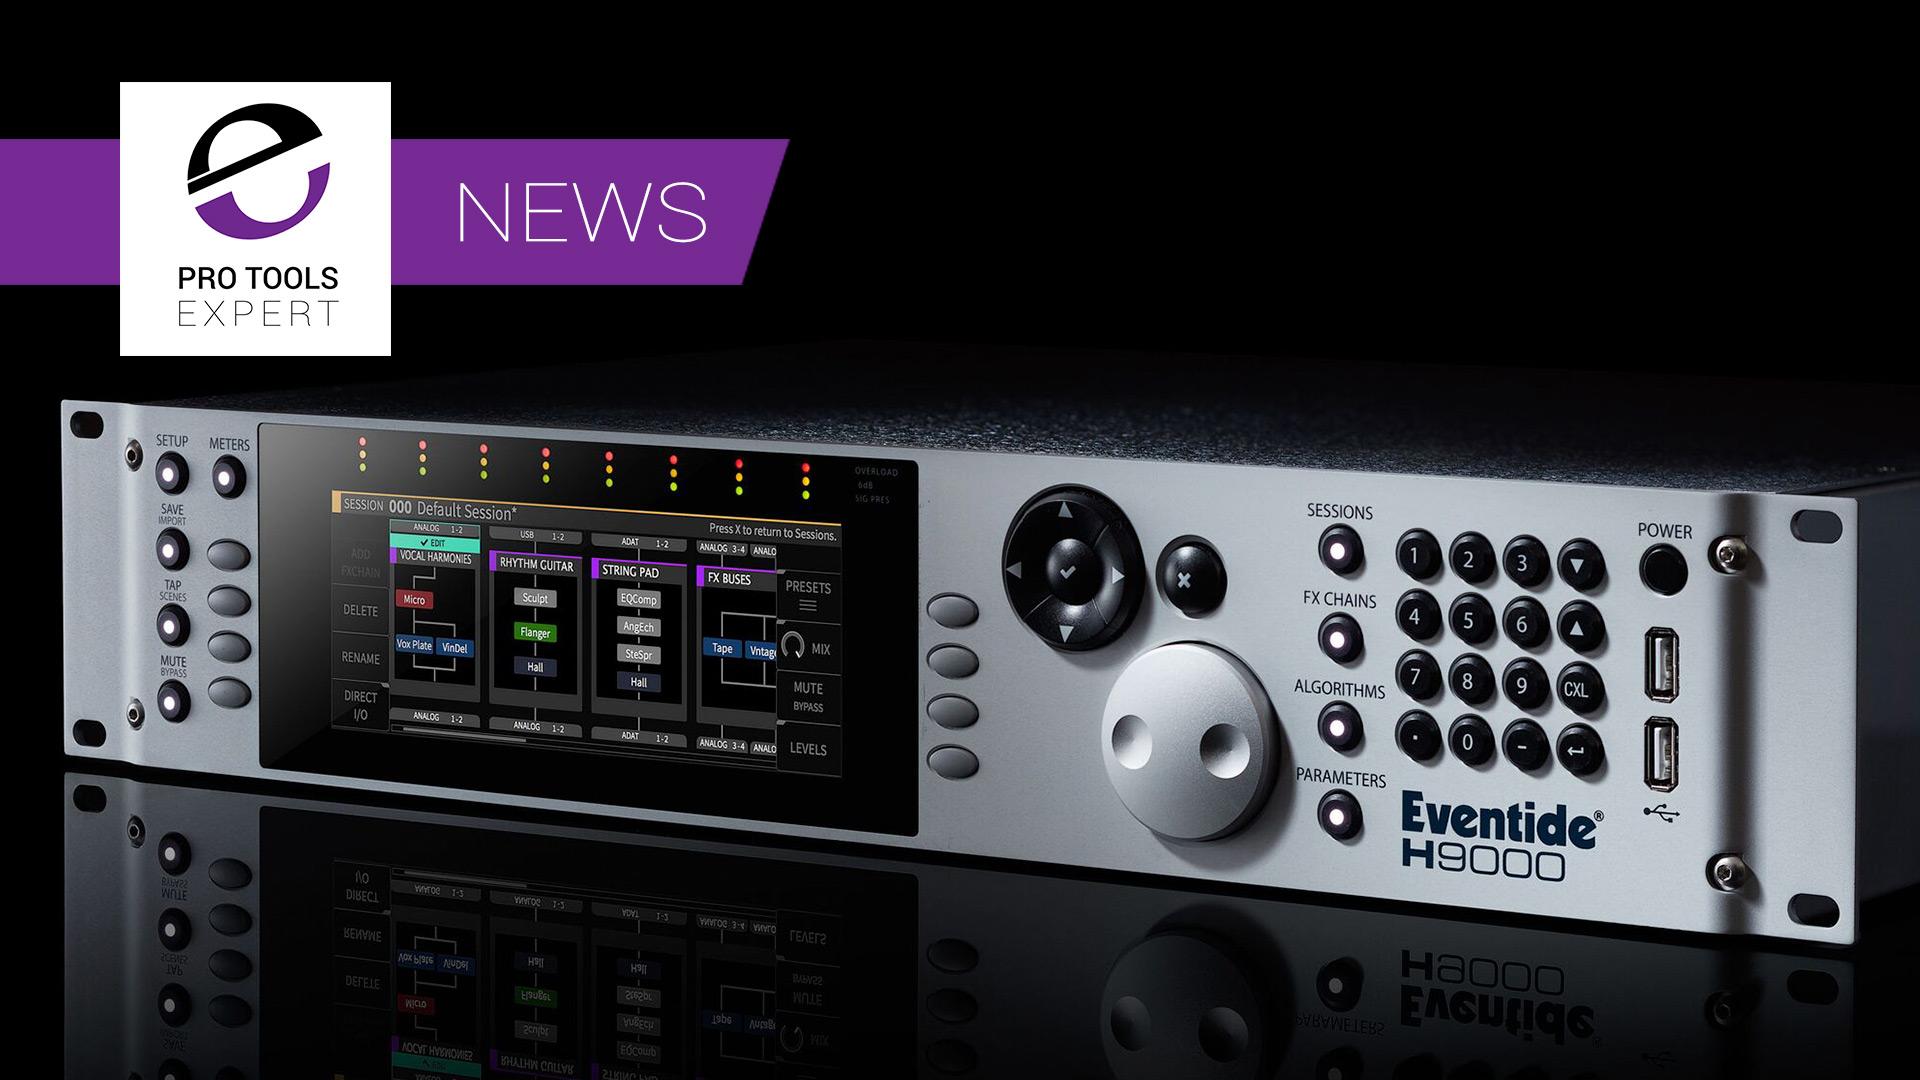 eventide-h9000-multi-effects-audio-processor.jpg